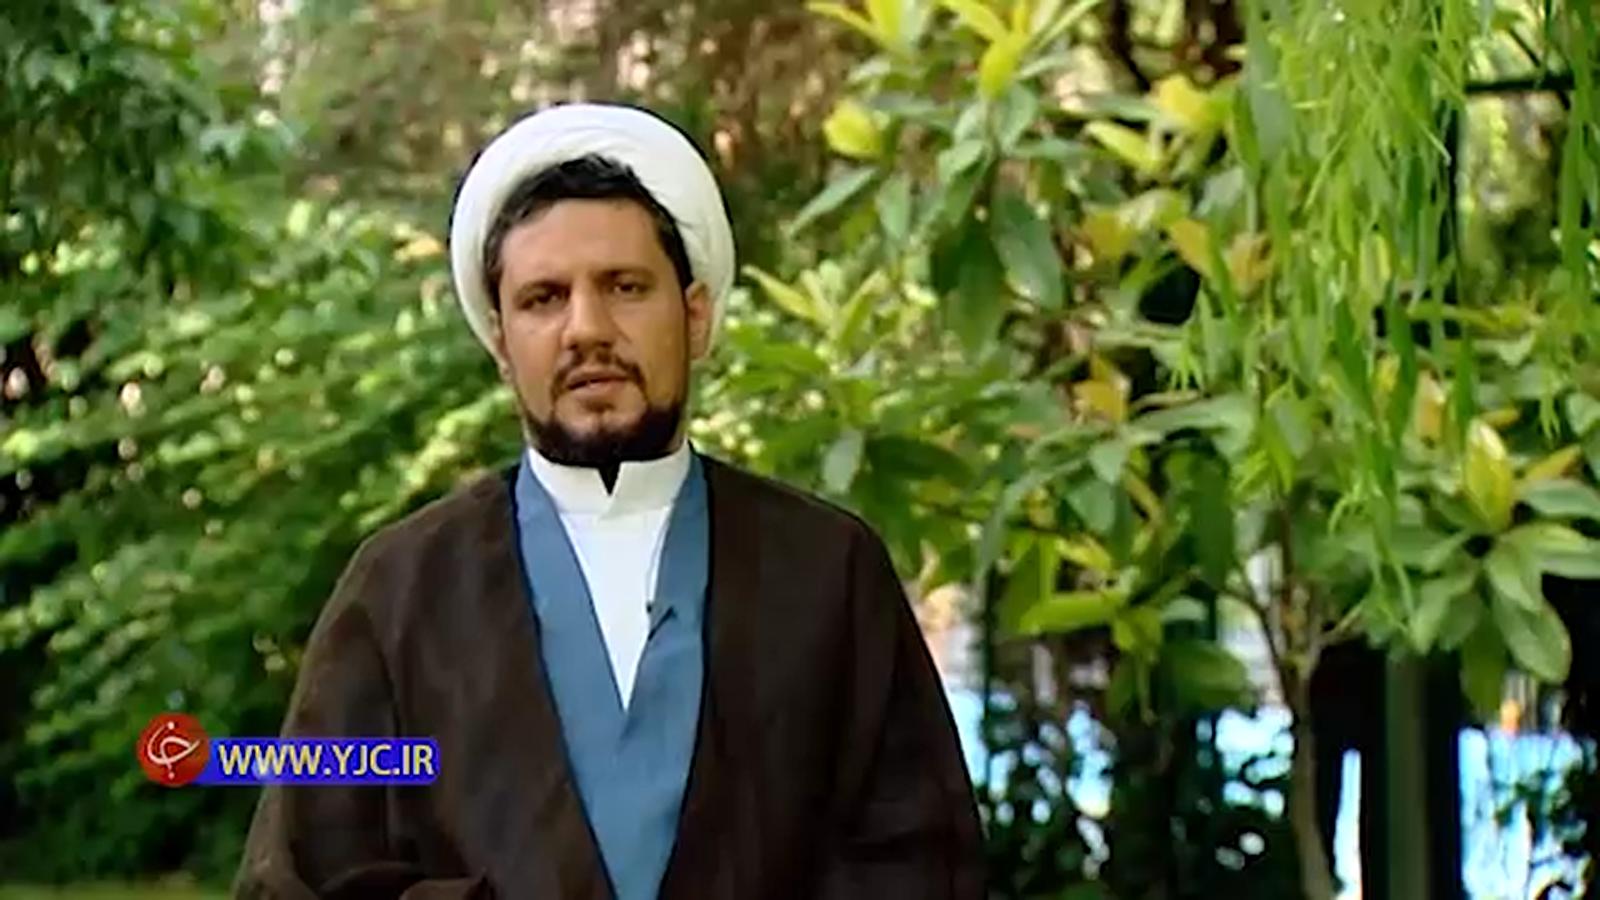 تعبیر قرآن از مهریه چیست؟ + فیلم